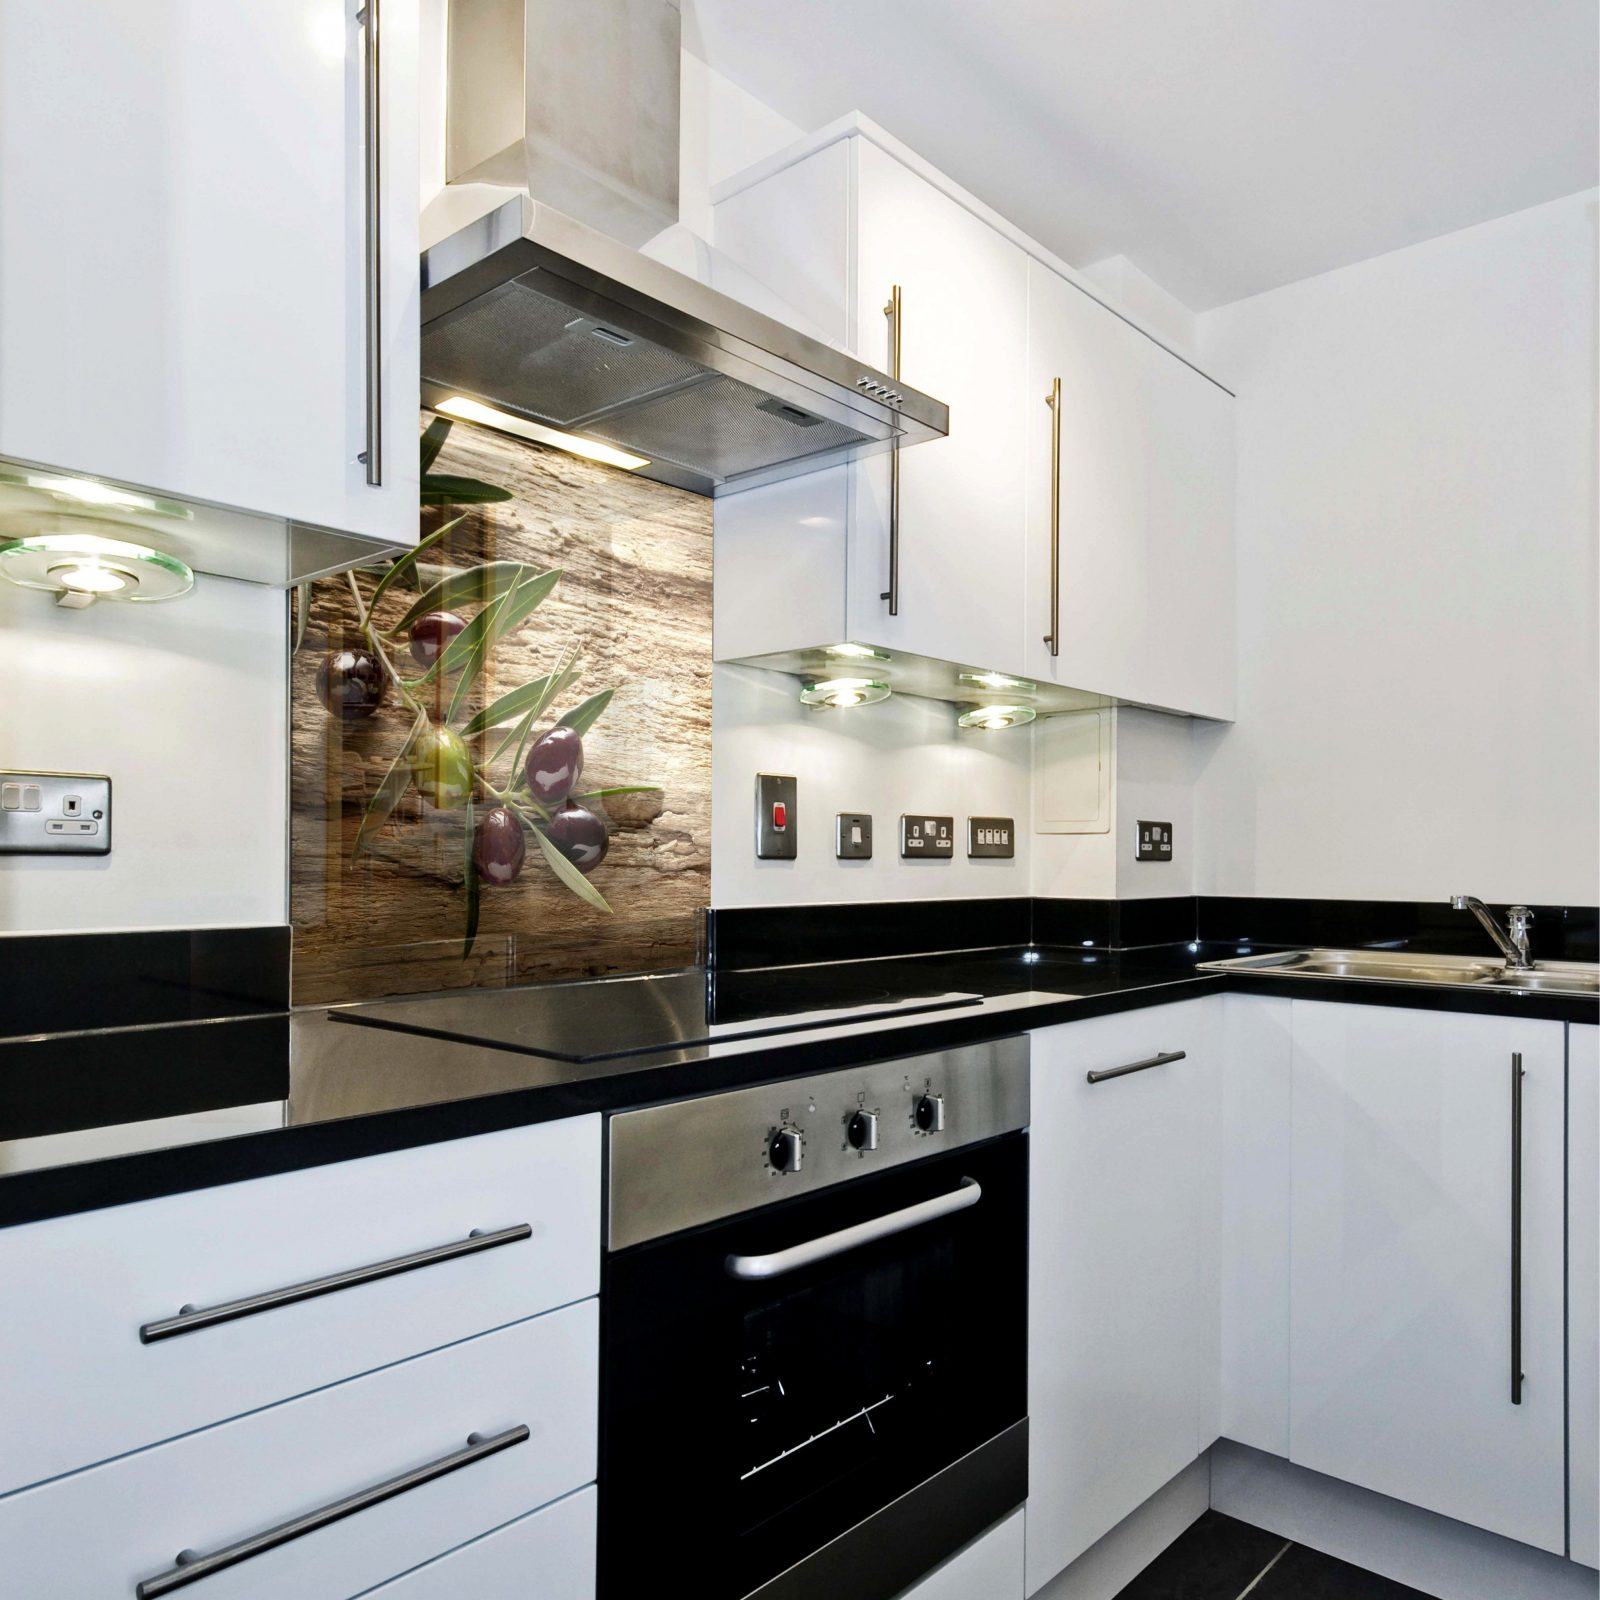 Spritzschutz Küche Selber Machen 31 Best Spritzschutz Glas Küche von ...